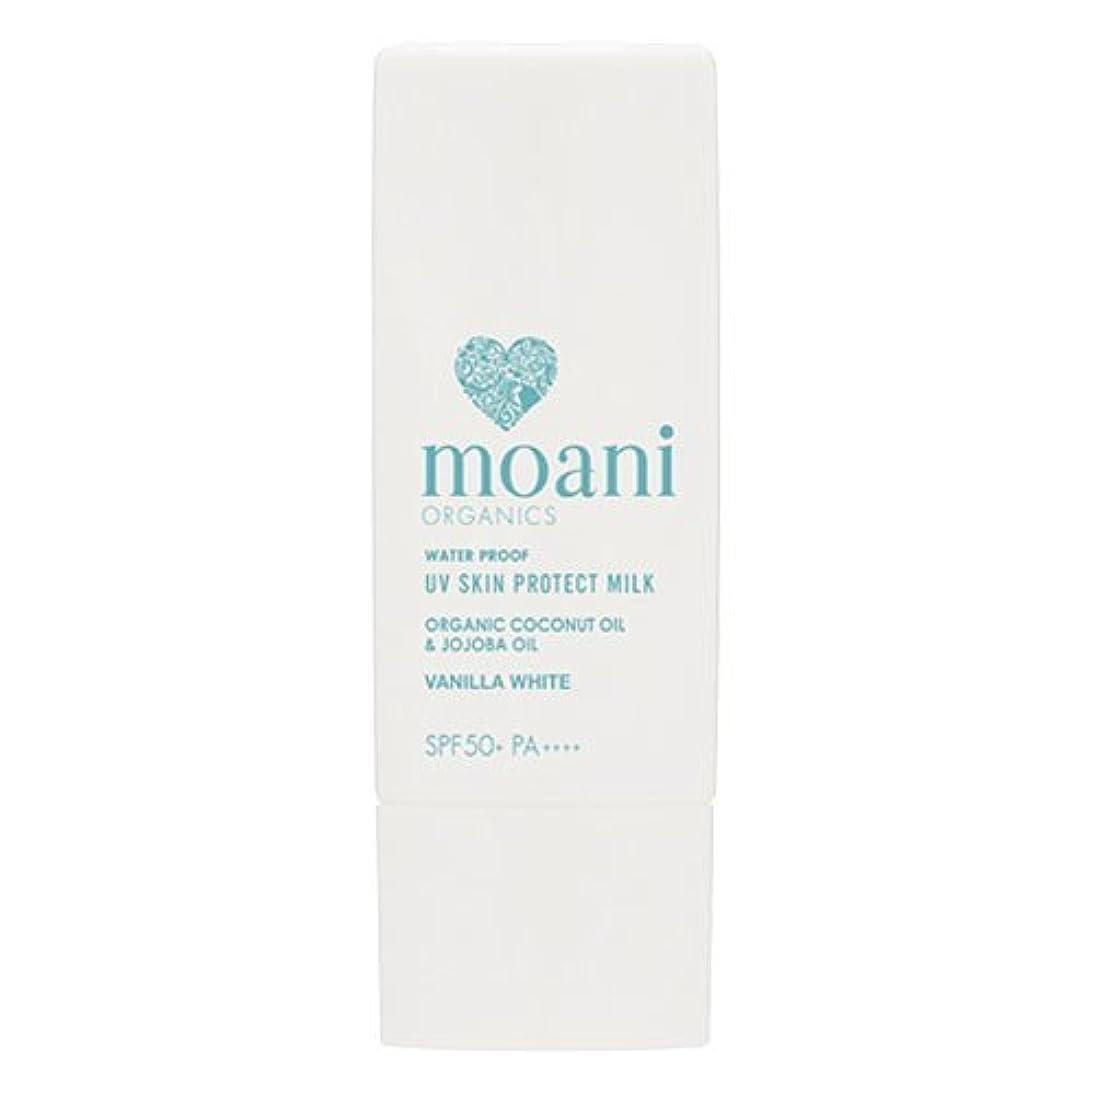 高速道路リフレッシュ地域のmoani organics UV SKIN PROTECT MILK vanilla white(顔用日焼け止め)